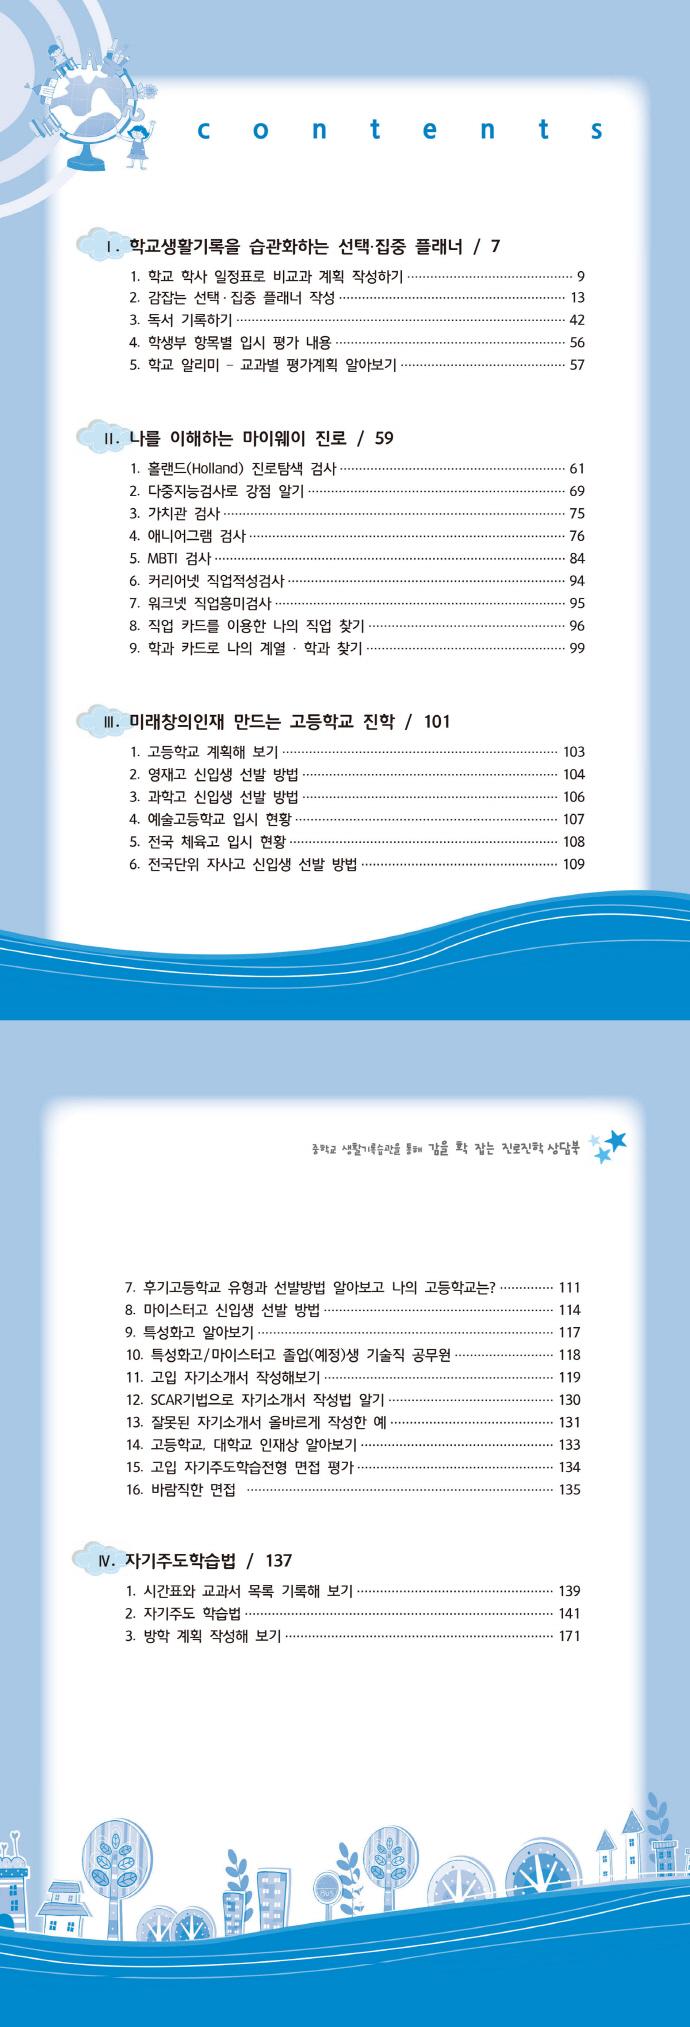 감을 확 잡는 진로진학 상담북(중학교 생활기록 습관을 통해) 도서 상세이미지